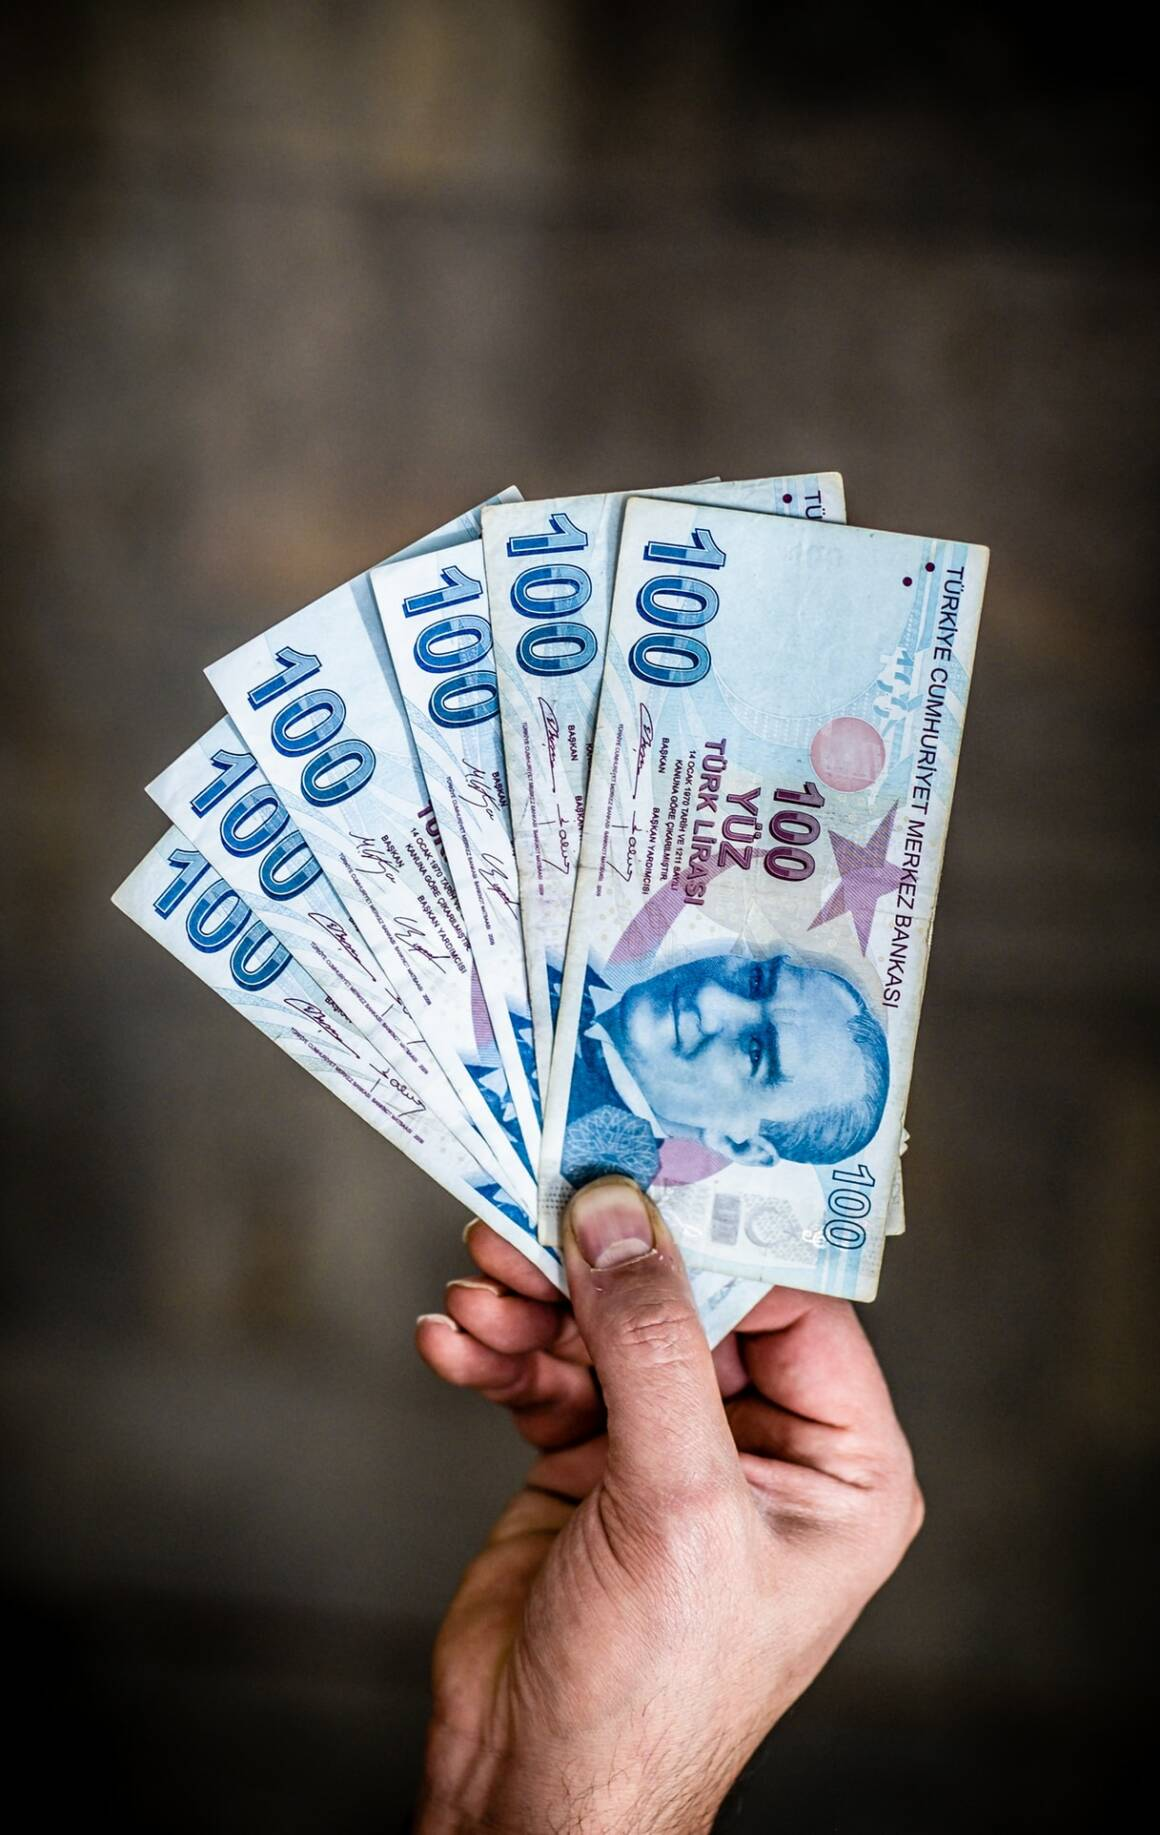 blockchain com lancia la completa integrazione bancaria della lira turca 1160x1835 - Blockchain.com lancia la completa integrazione bancaria della Lira Turca